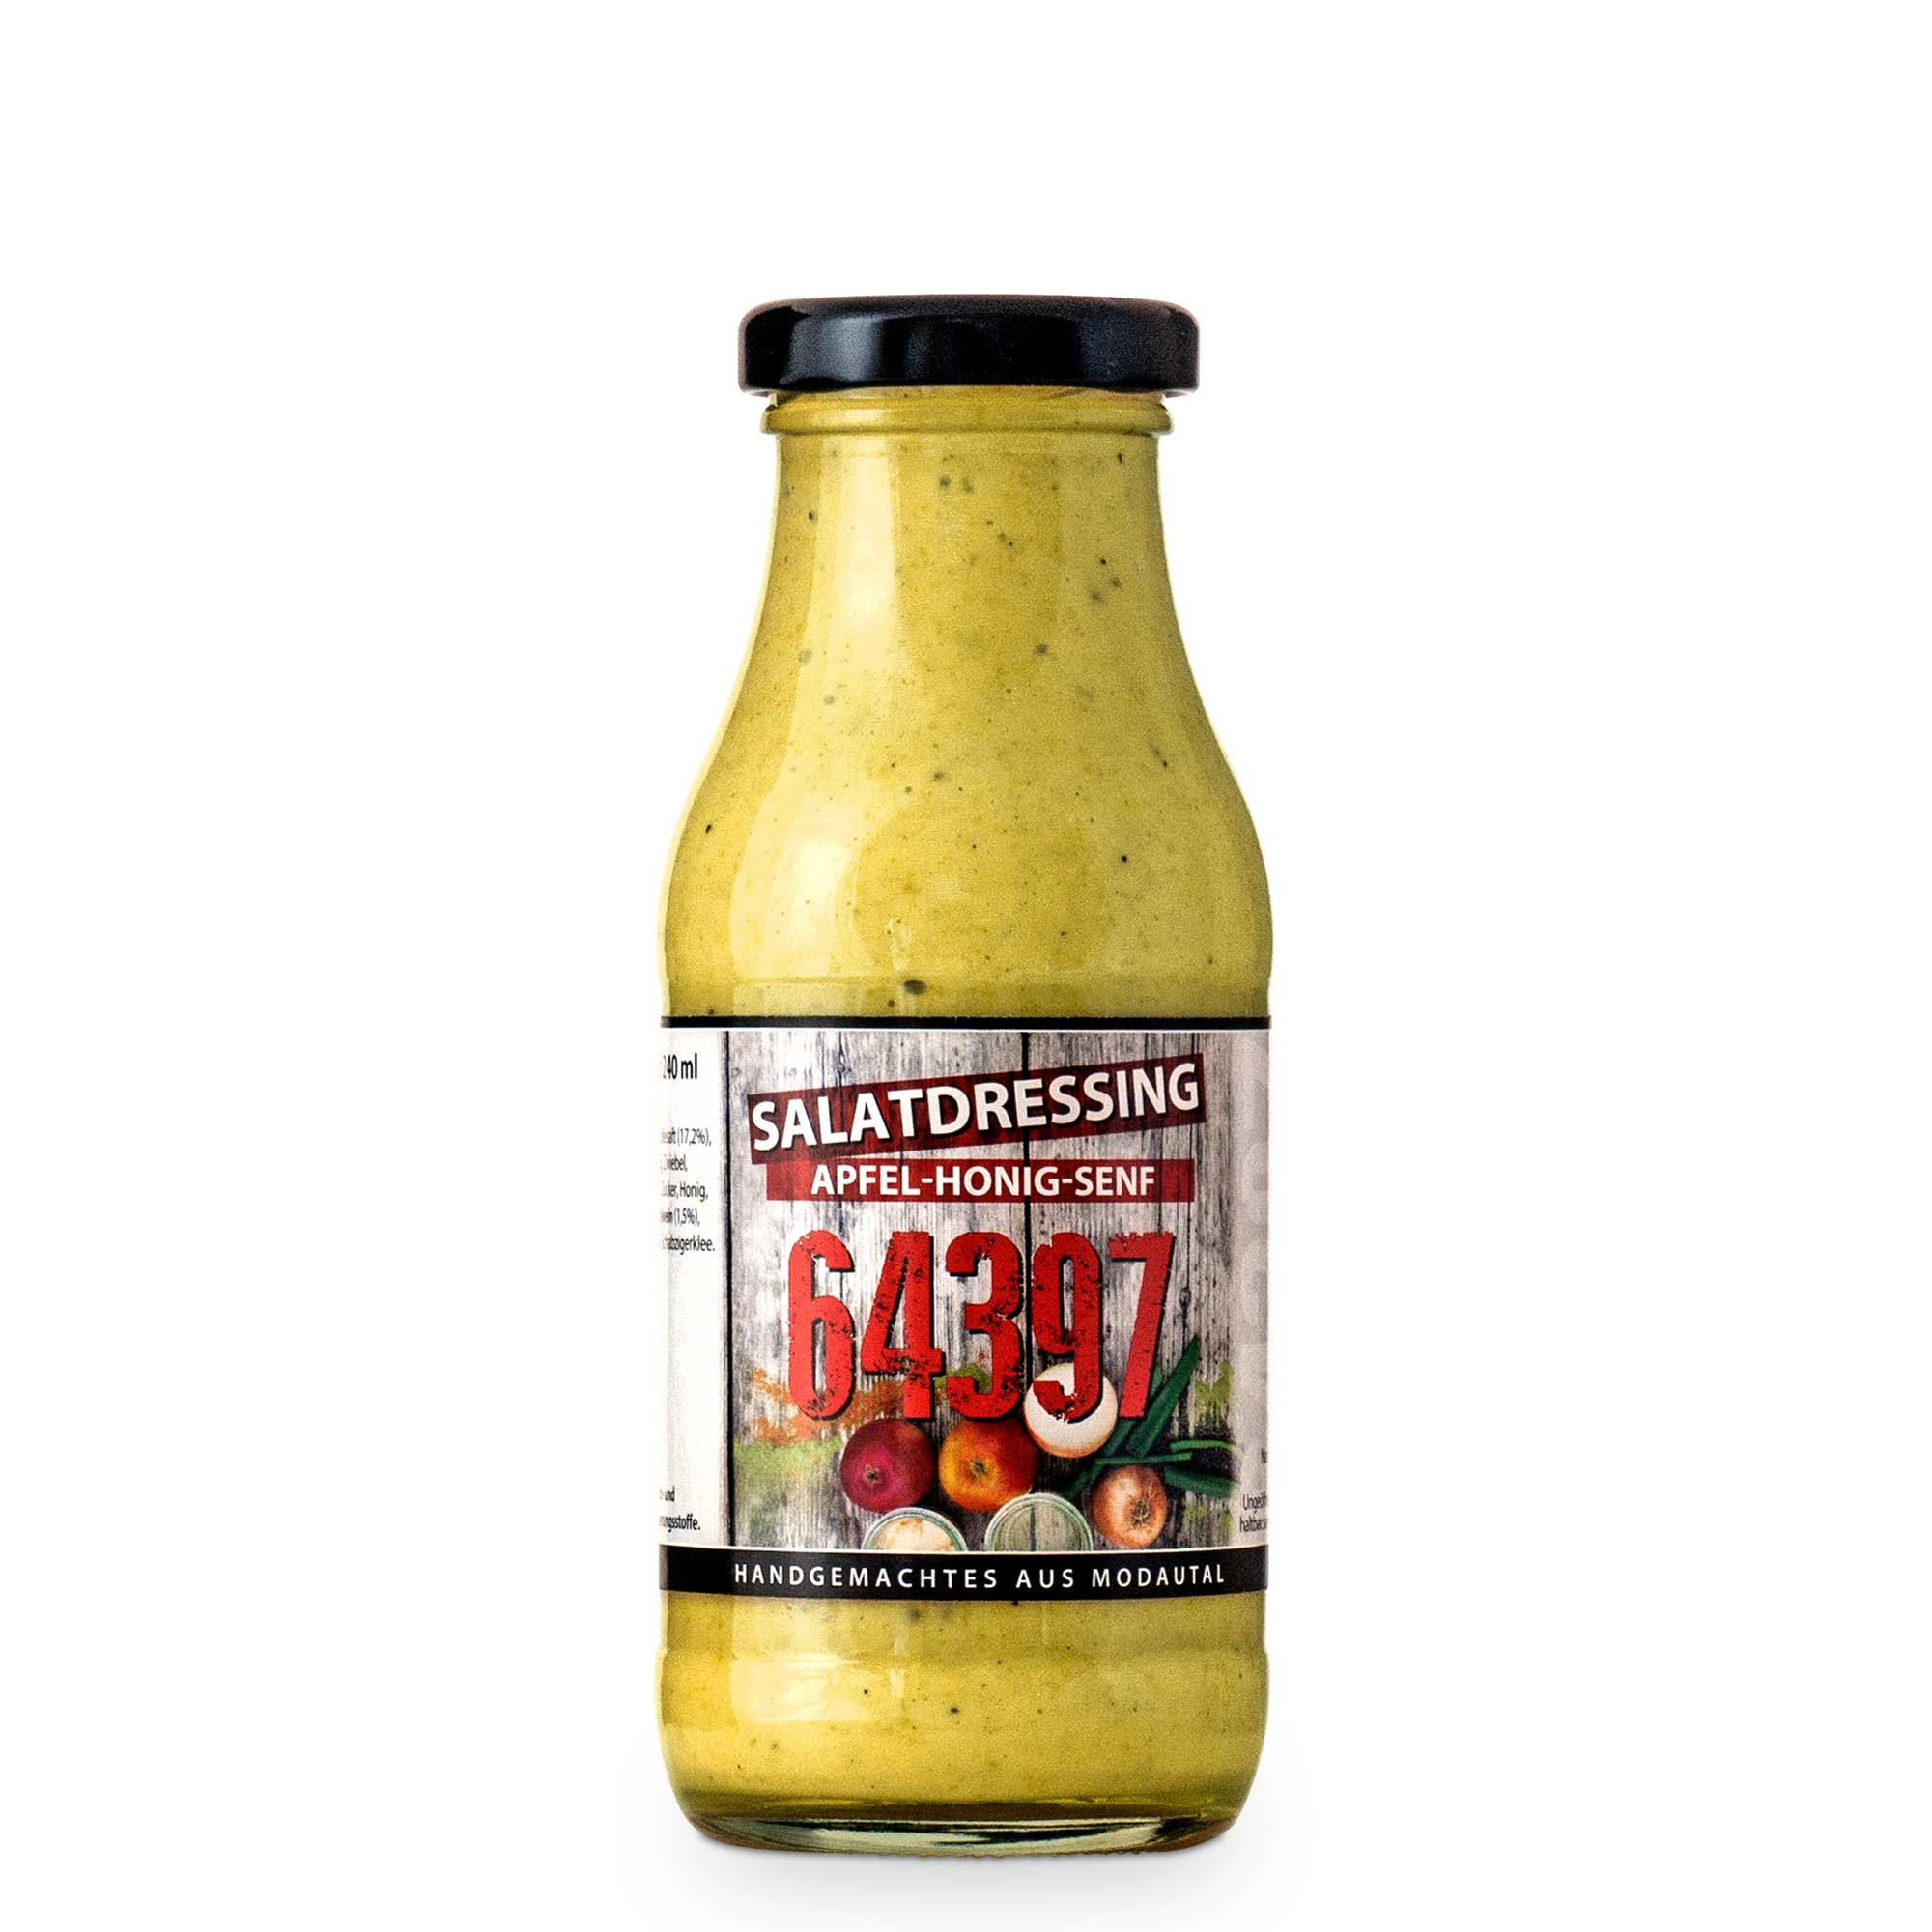 64397: Das Salat-Dressing auf Basis von Apfel-Honig-Senf aus Modaltal von Maries Franke-Focken